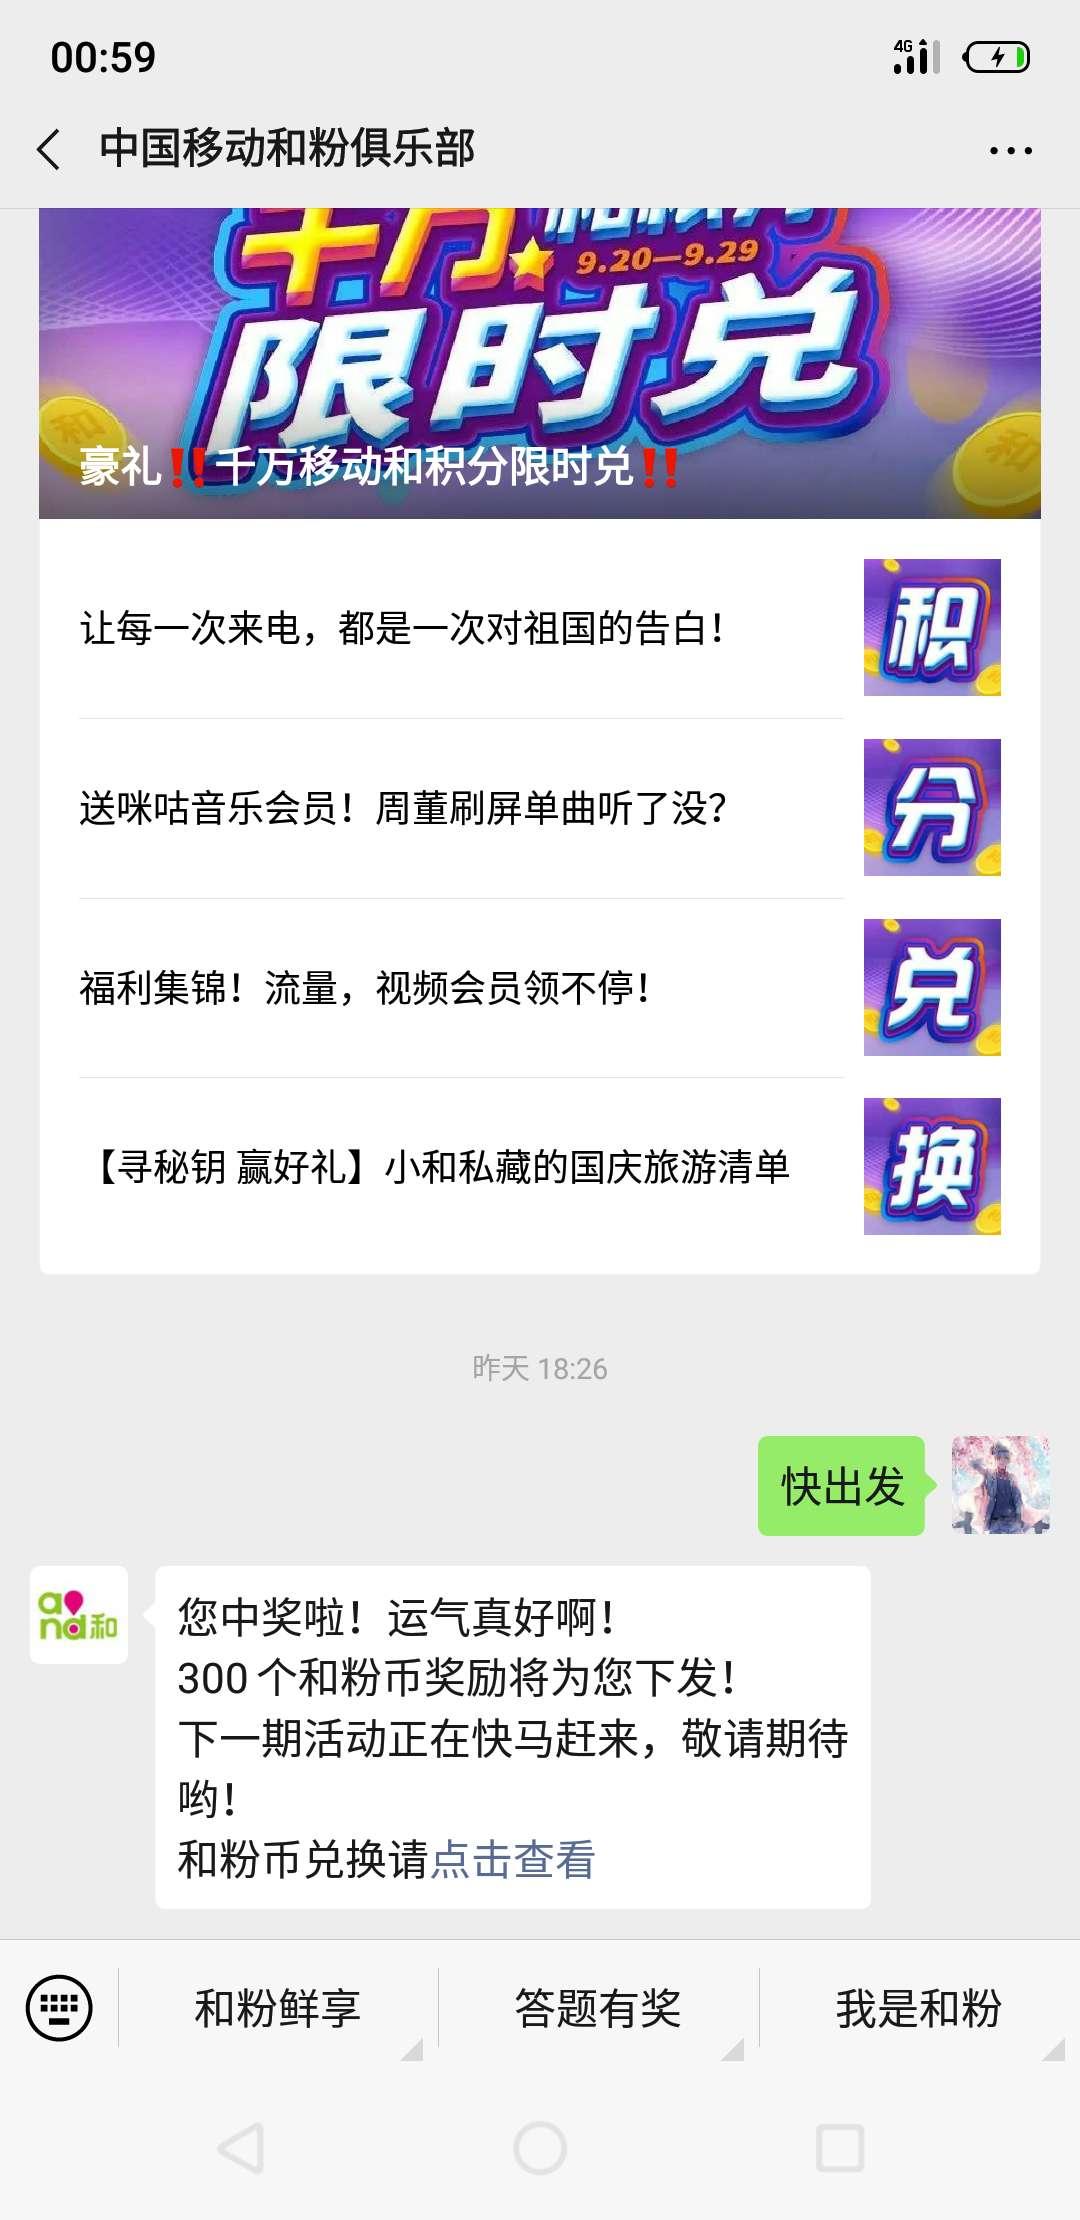 【话费流量】中国移动撸30话费得快-100tui.cn